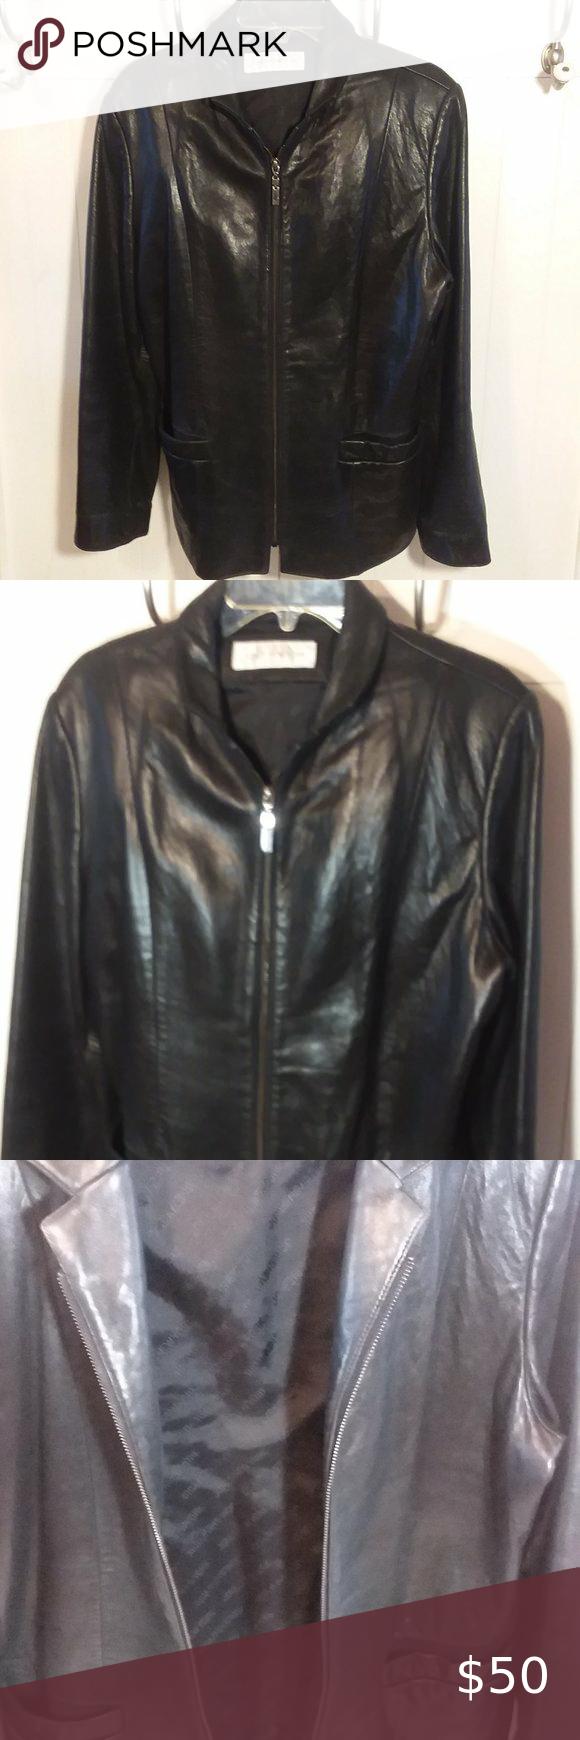 Jones New York Woman S Black Leather Jacket Sz L Black Leather Jacket Leather Jacket Jones New York [ 1740 x 580 Pixel ]